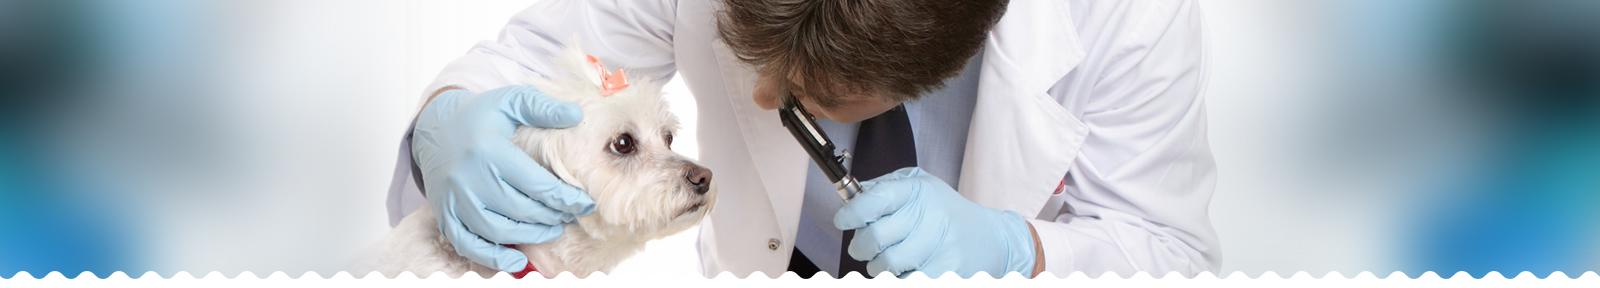 Офтальмологические обследования и операции